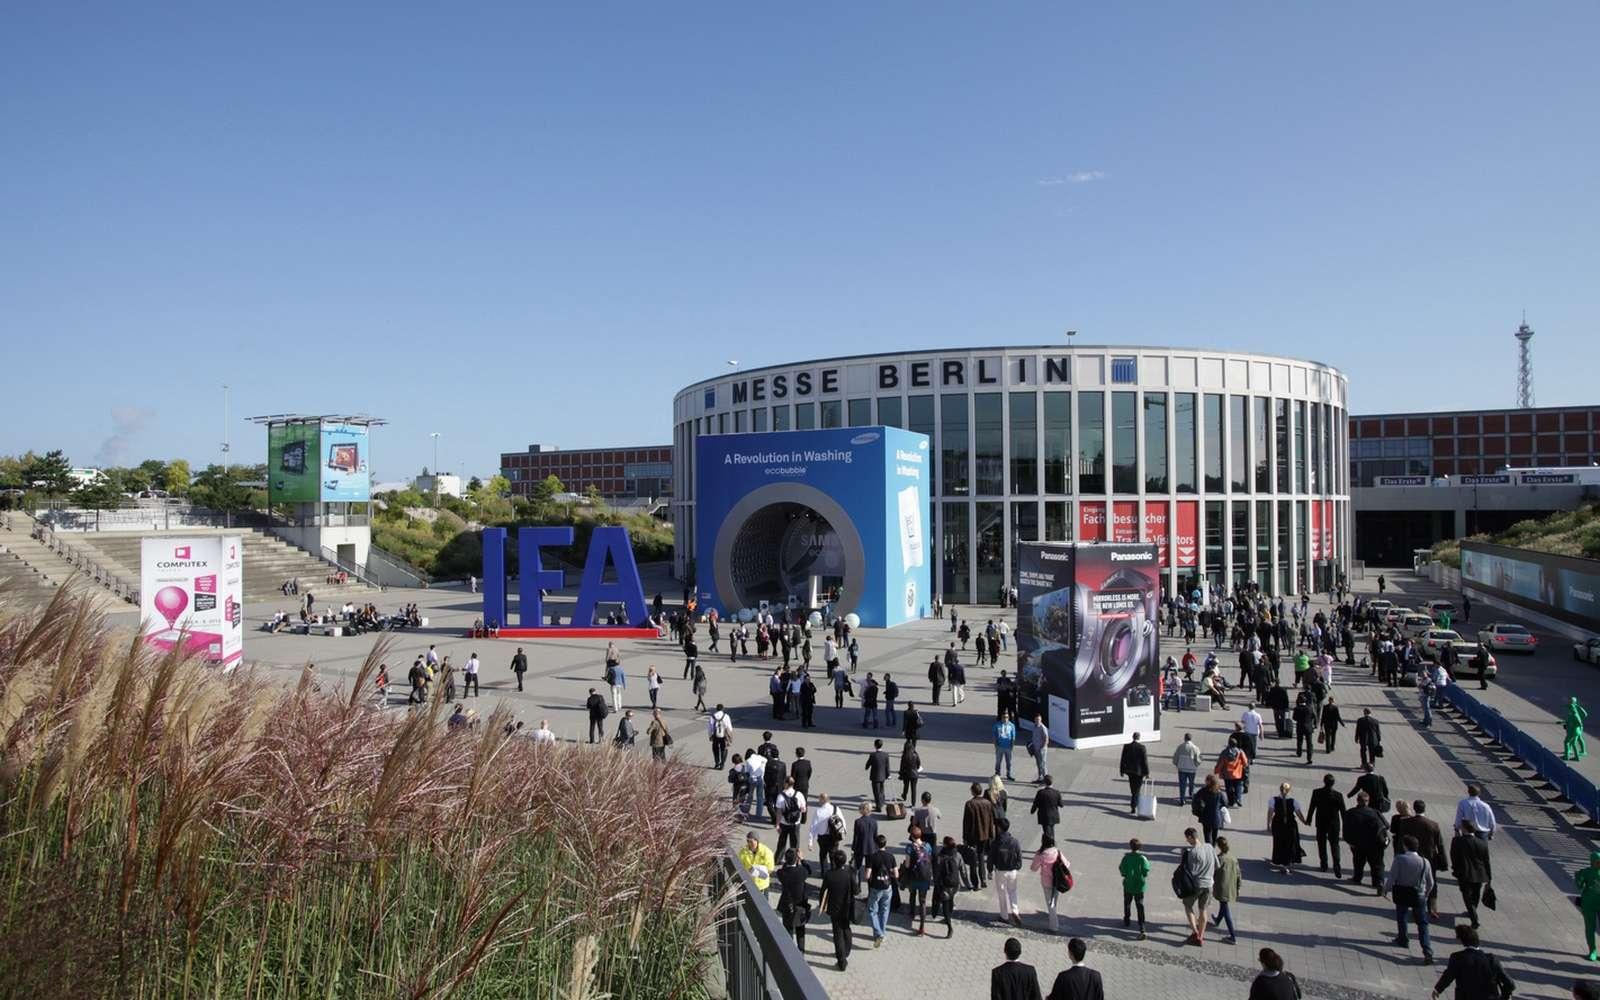 Le salon IFA 2017 se tient à Berlin (Allemagne) jusqu'au 6 septembre. © Innovaticias